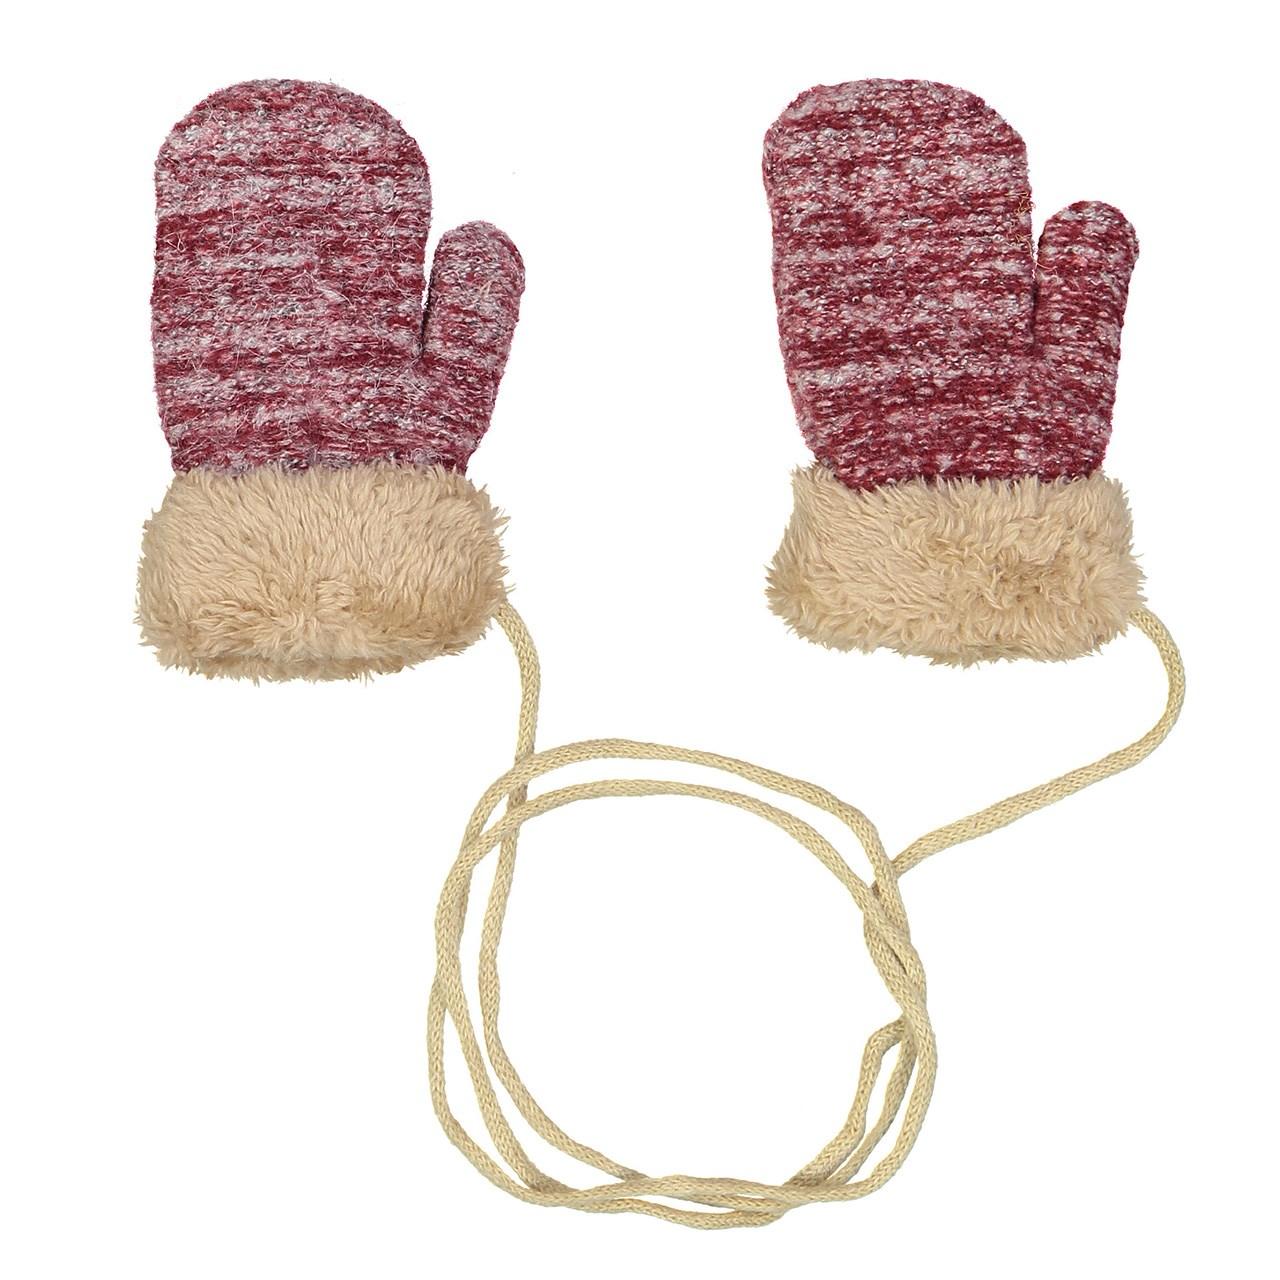 دستکش نوزادی پی جامه مدل 2-302 مناسب برای 1 تا 2 سال